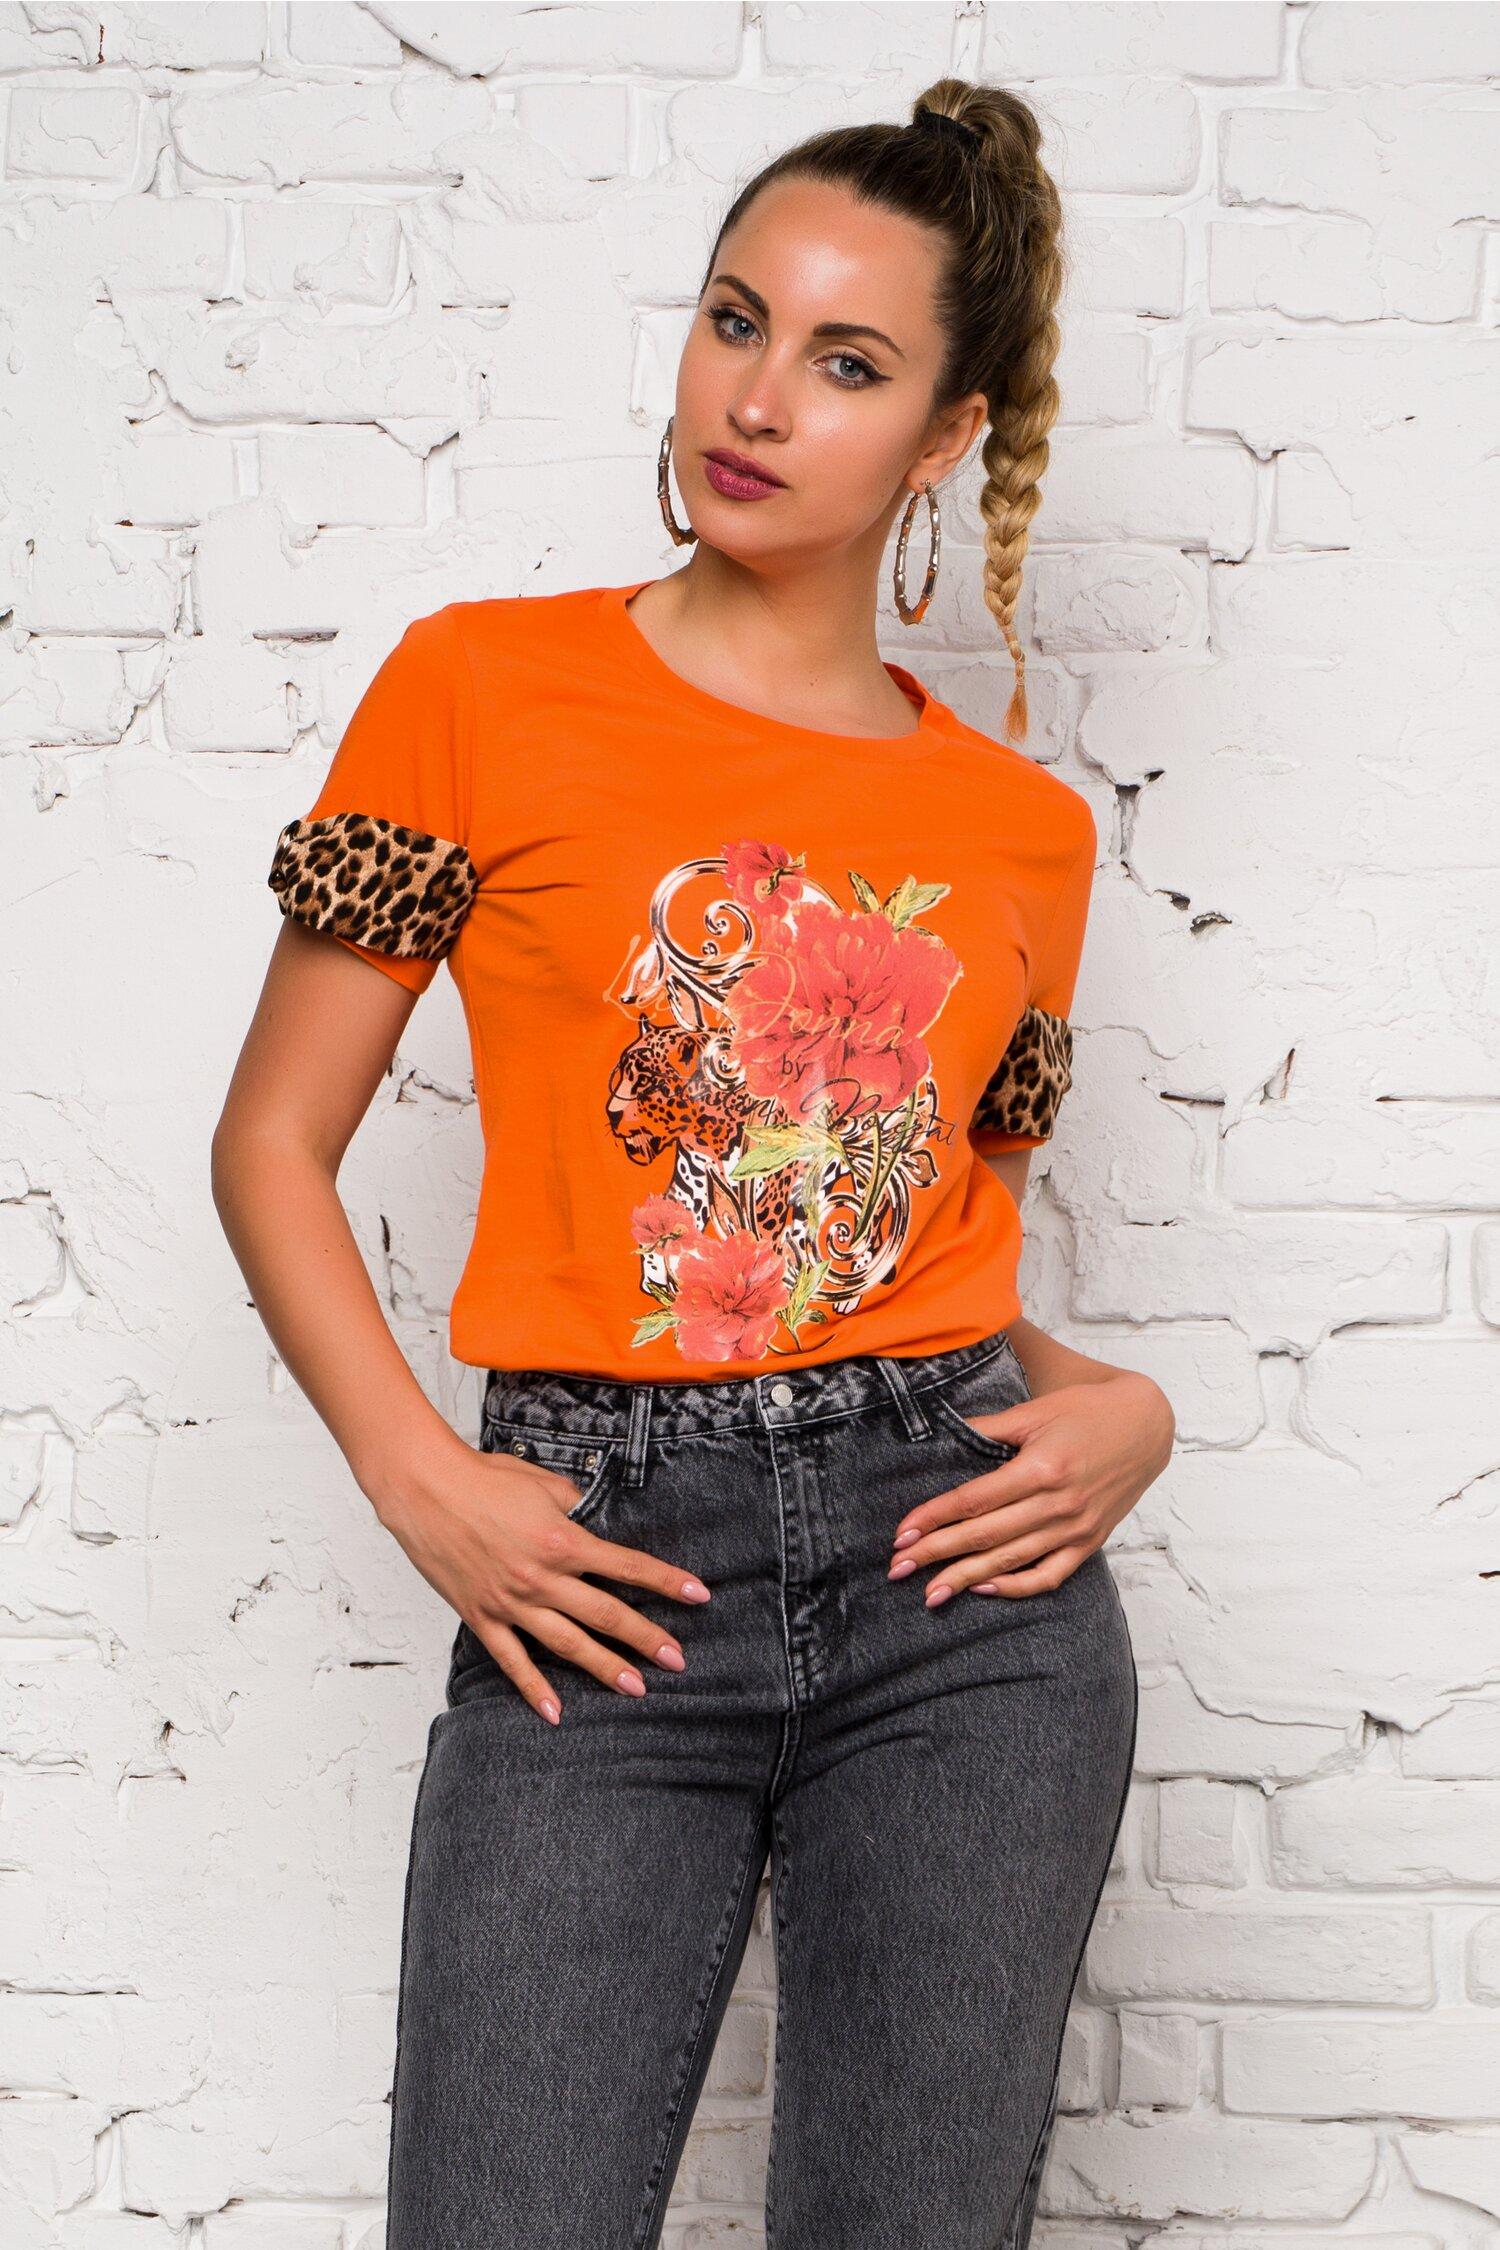 Bluza orange LaDonna by Catalin Botezatu cu imagine imprimata